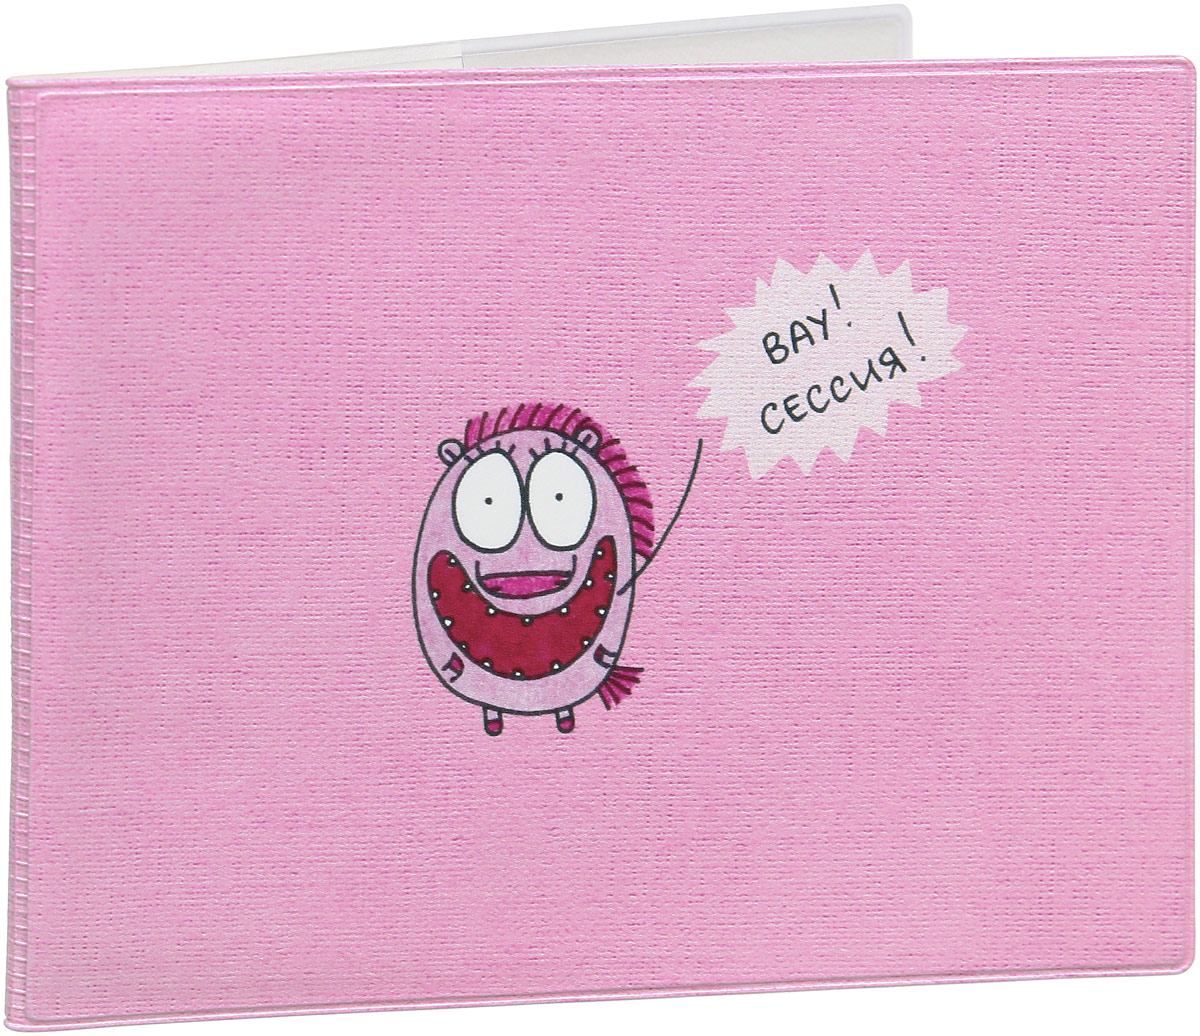 Обложка для зачетной книжки Kawaii Factory Вау сессия, цвет: розовый. KW067-000066W16-12123_811Обложка для зачетной книжки Kawaii Factory Вау сессия выполнена из легкого и прочного ПВХ, который надежно защищает важные документы от пыли и влаги. Рисунок нанесён специальным образом и защищён от стирания. Изделие раскладывается пополам. Внутри размещены два накладных прозрачных кармашка.